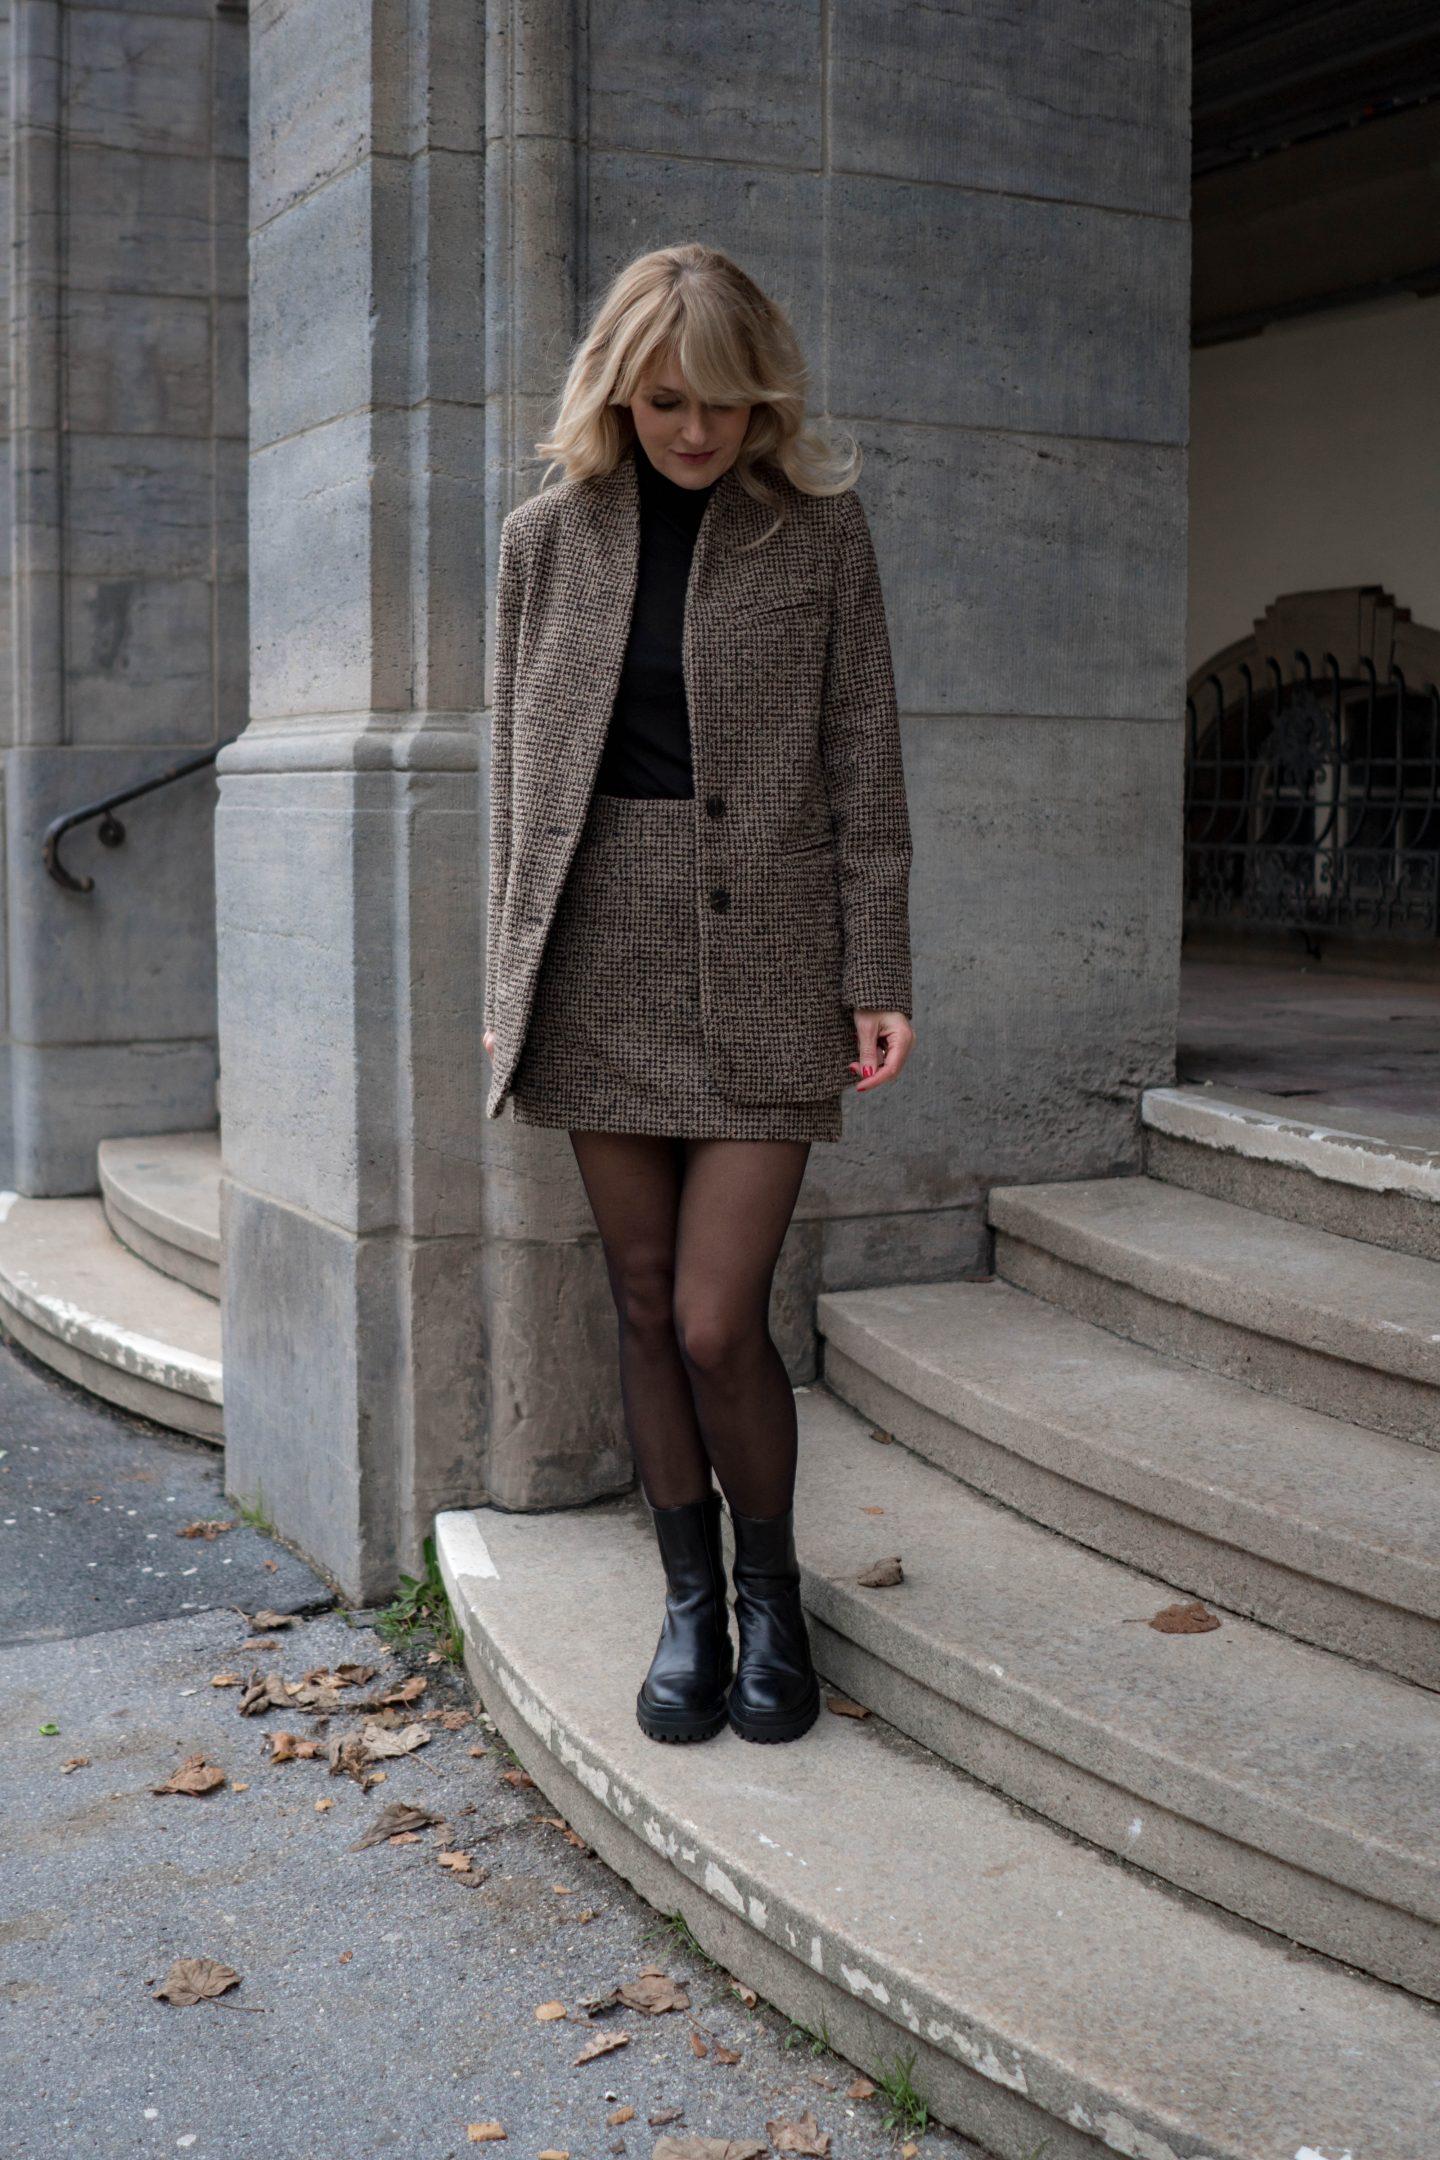 Chunky Boots Trend - Klobige Stiefeletten wie Balenciaga von Zara -  Stiefel mit robuster Sohle - Nowshine Fashion Blog über 40